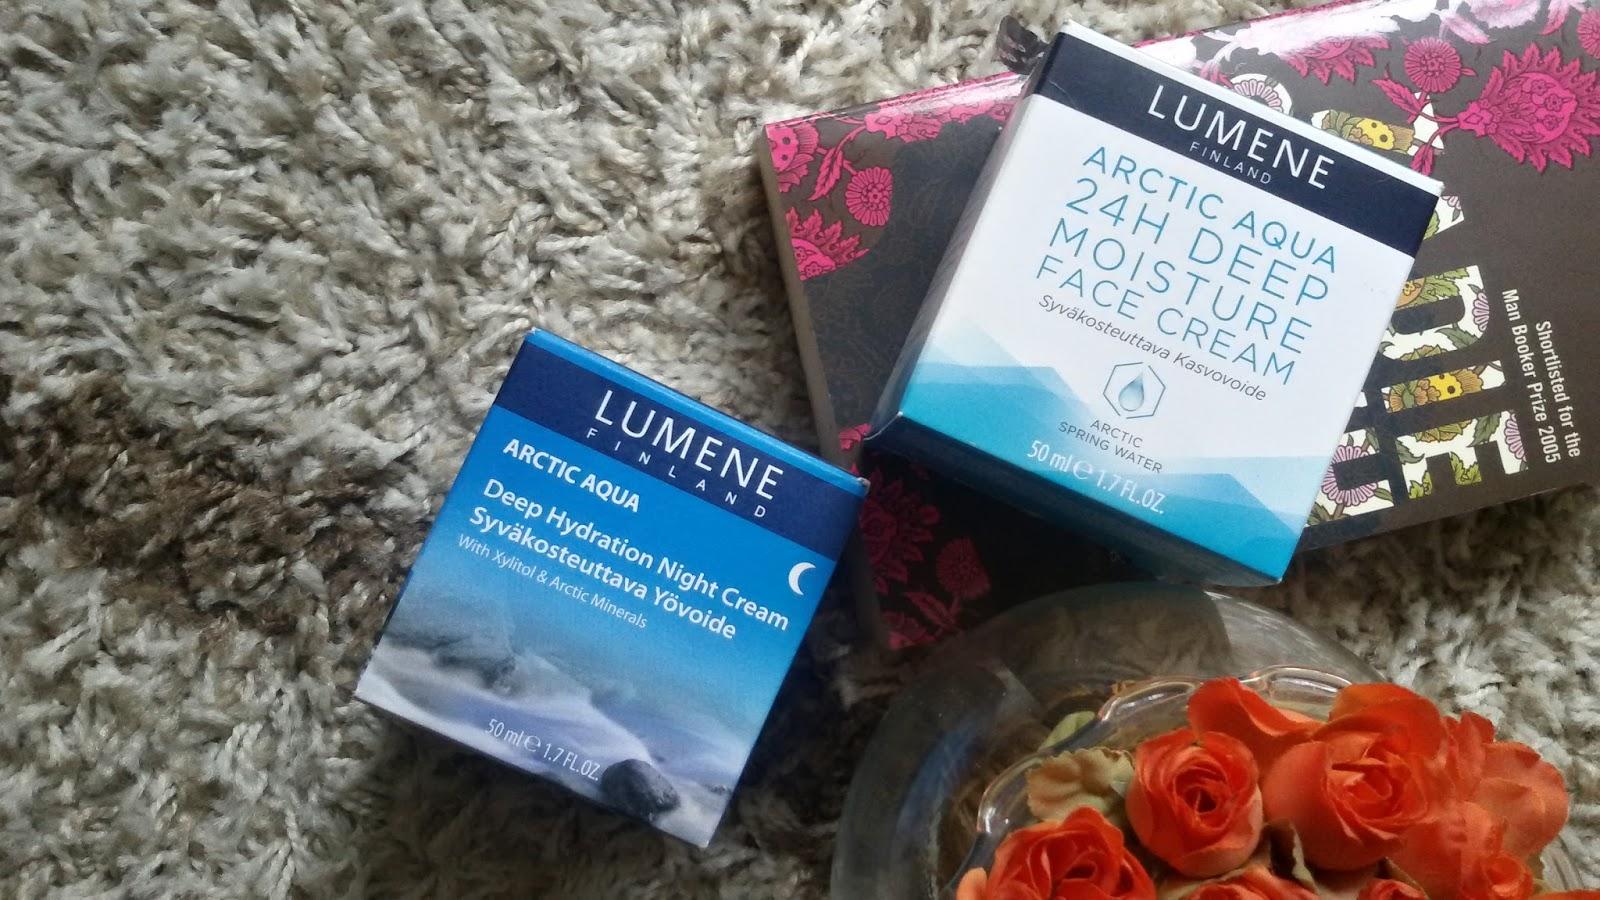 lumene arctic aqua night cream